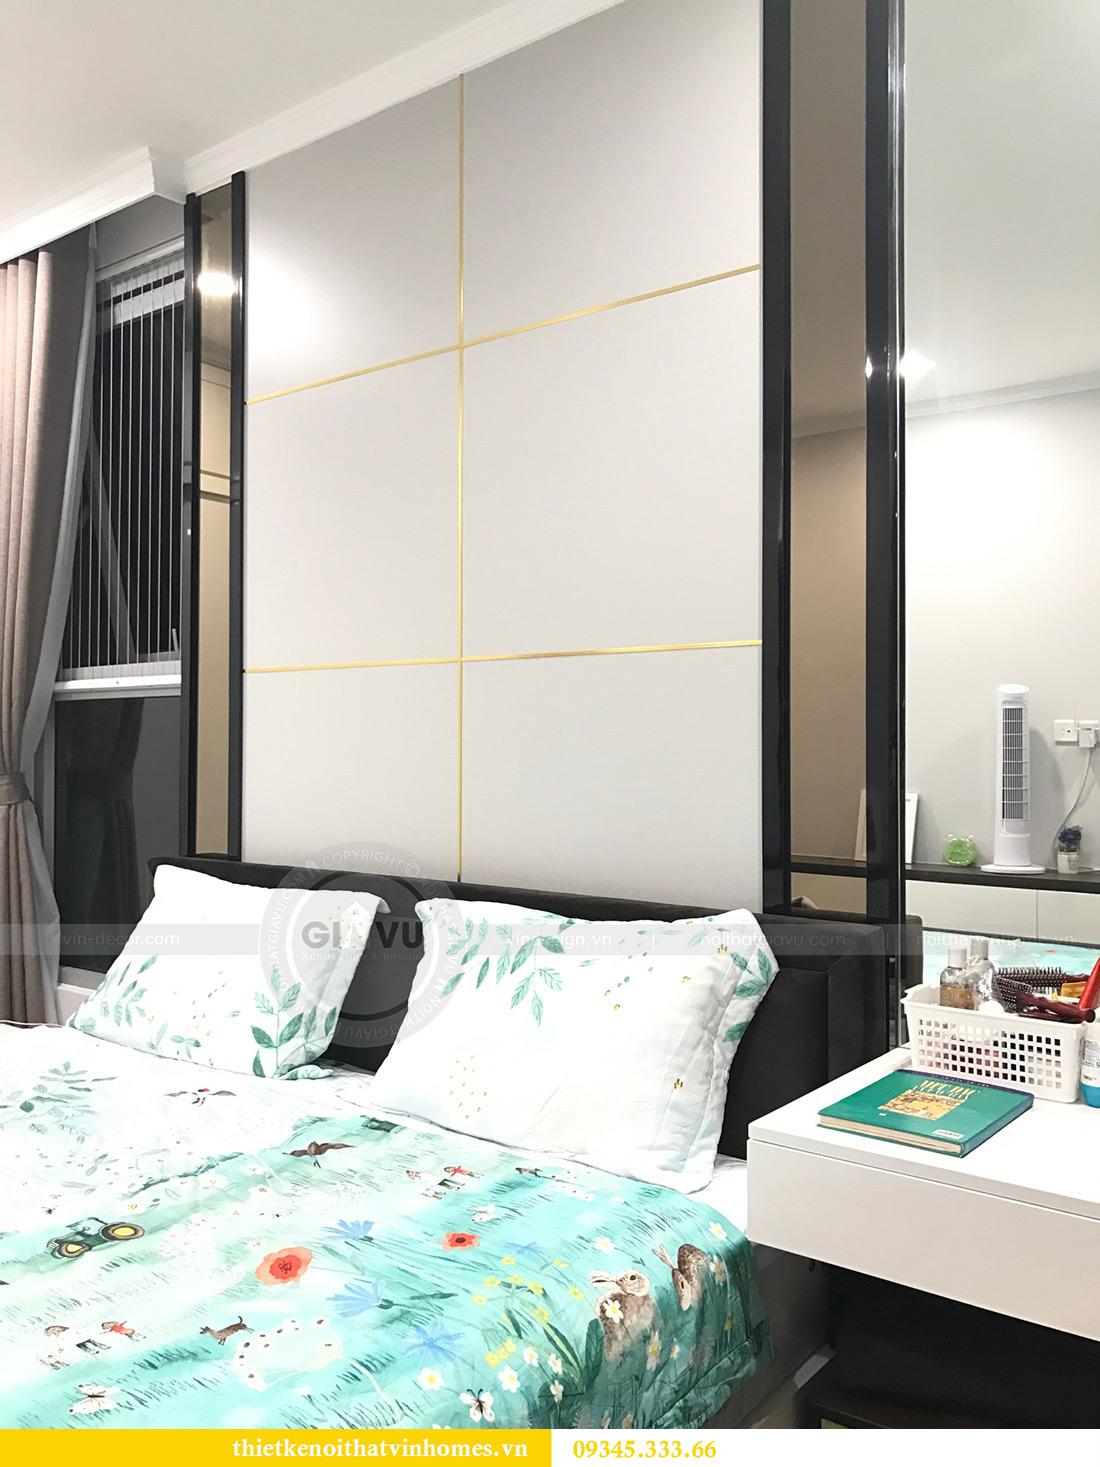 Thi công nội thất căn hộ chung cư Gardenia tòa A1-03 nhà anh Luân 7